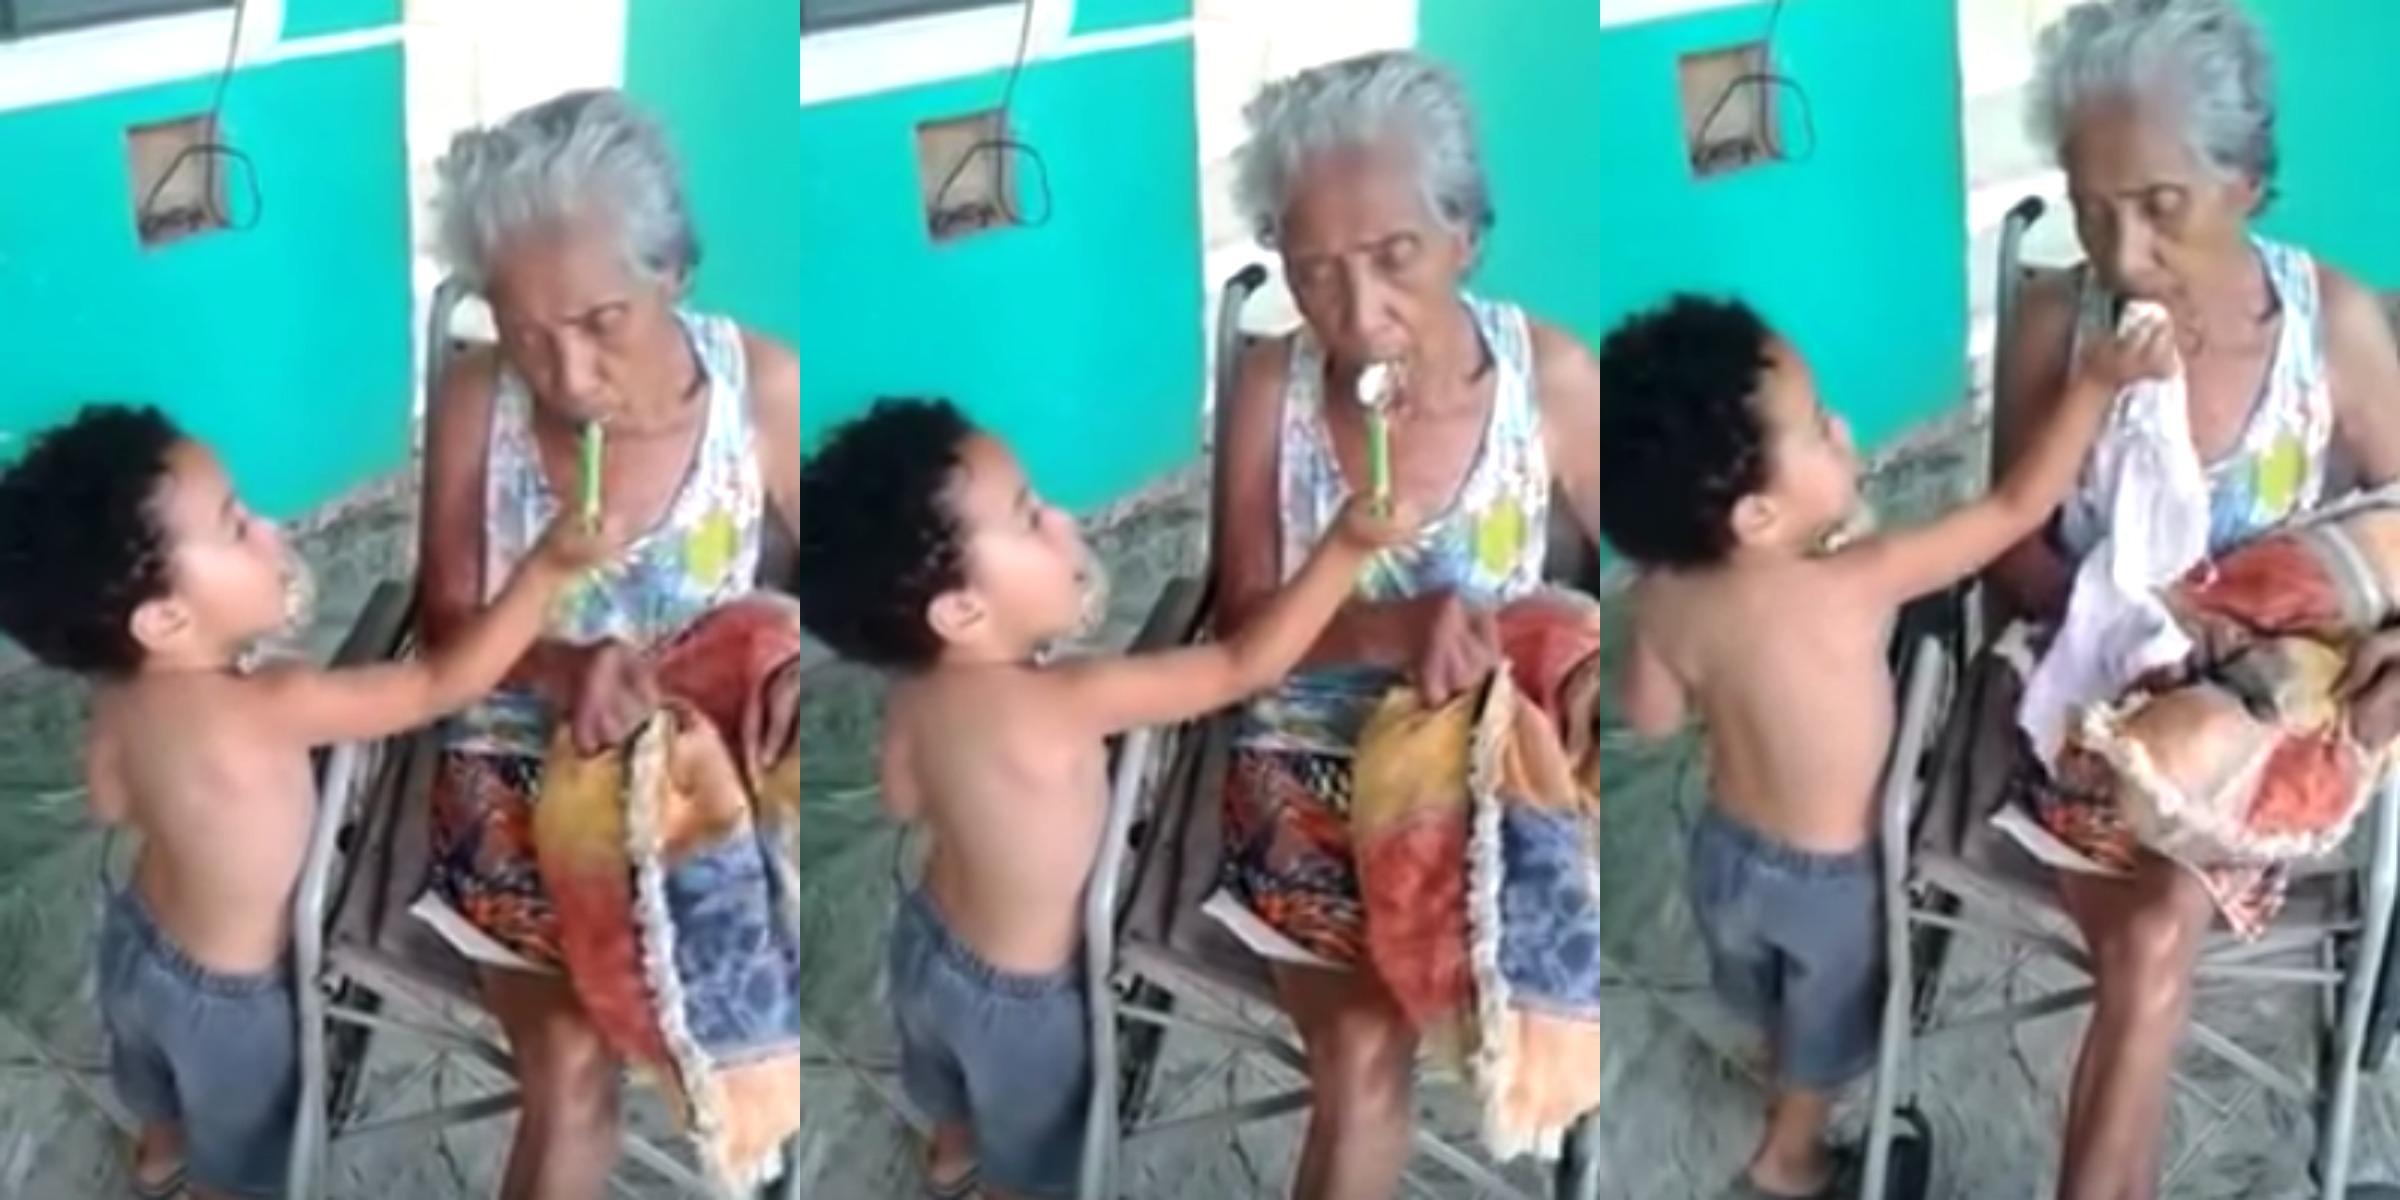 [Video] Cara Dan Gaya Kanak-Kanak Lelaki ini Menjaga Neneknya Curi Perhatian Netizen